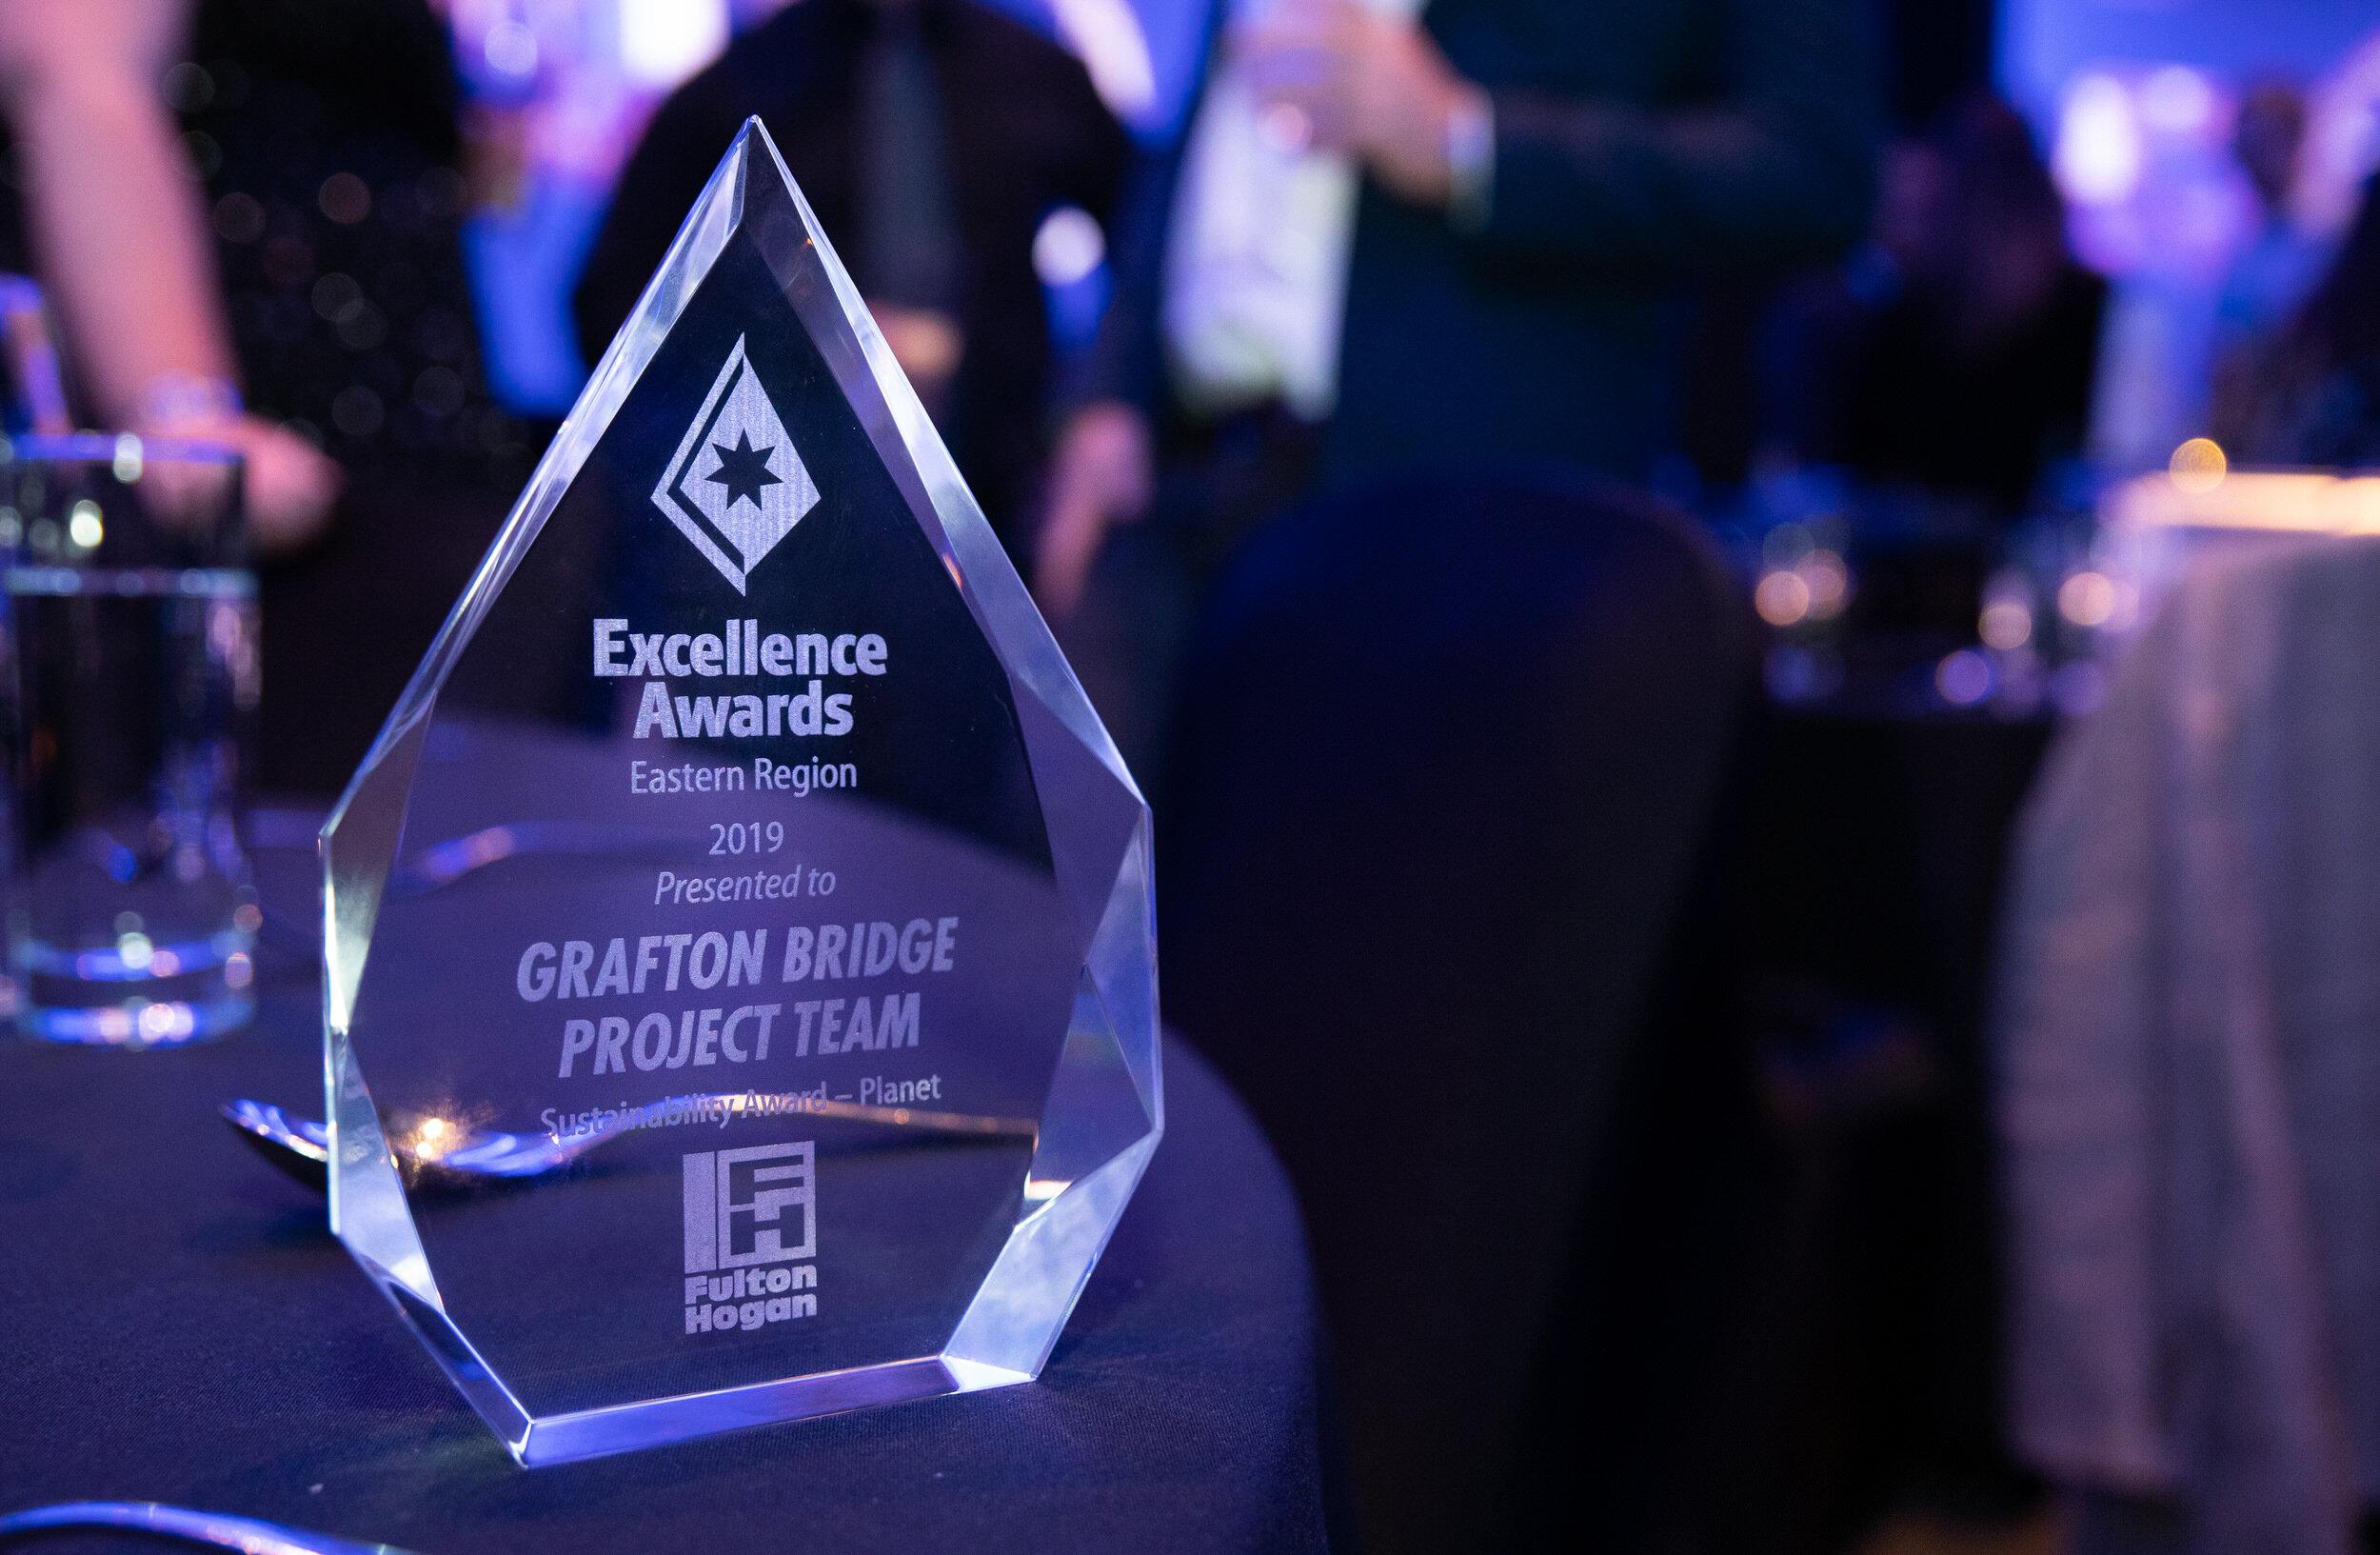 Fulton Hogan - Eastern Region Awards 2019